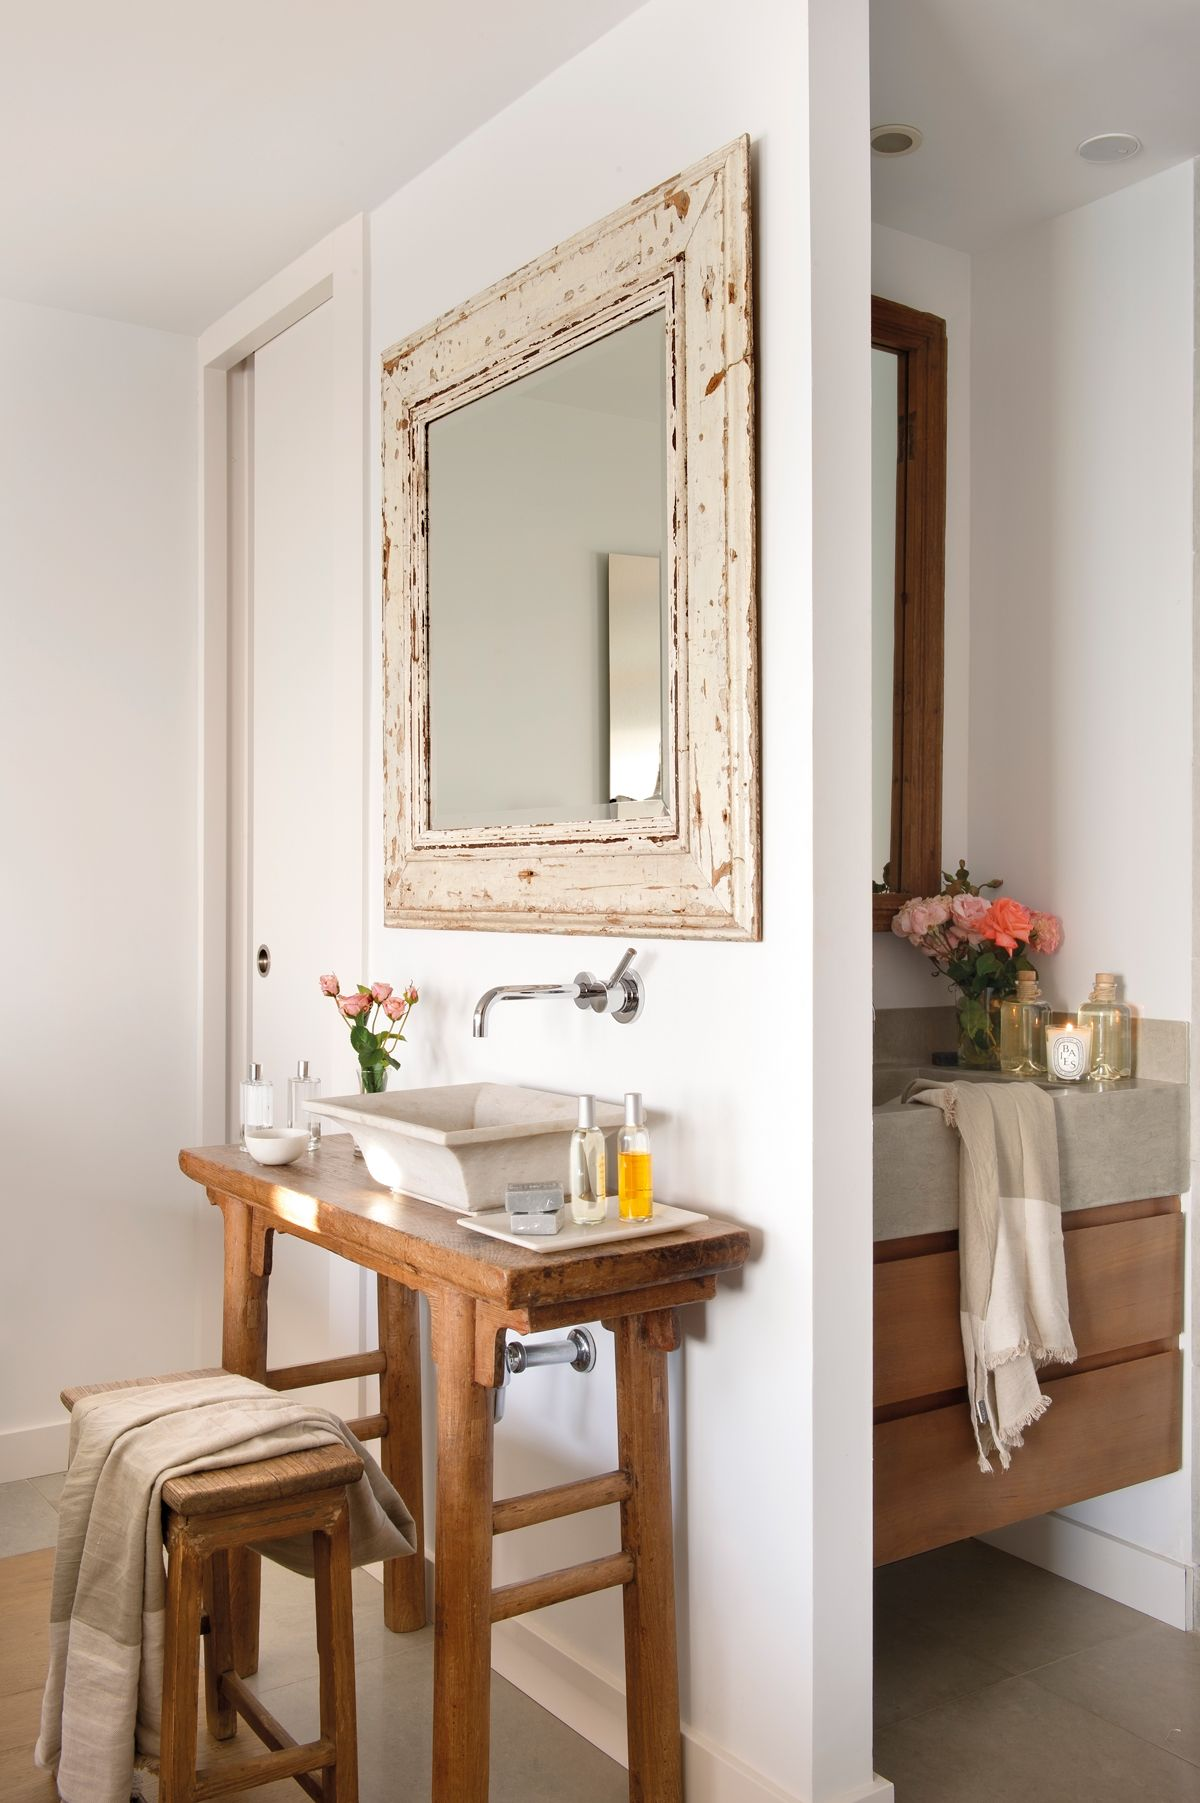 Lleva A Tu Casa La Moda Vintage Decora Con Piezas De Ayer Y Le  # Muebles Wc Segunda Mano